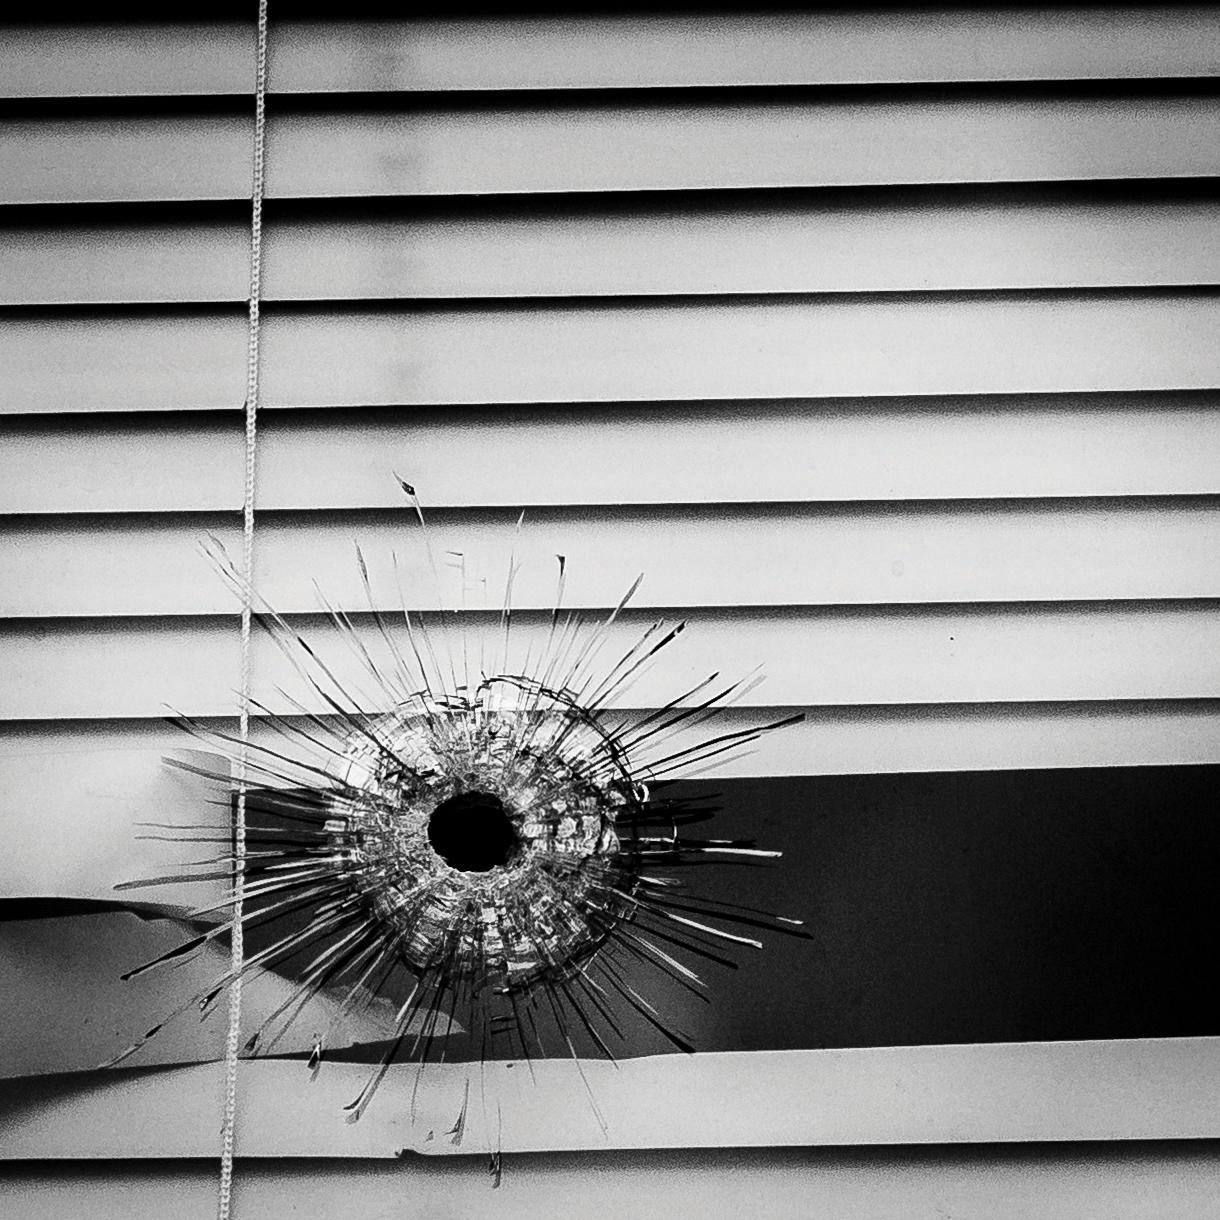 a pierced window